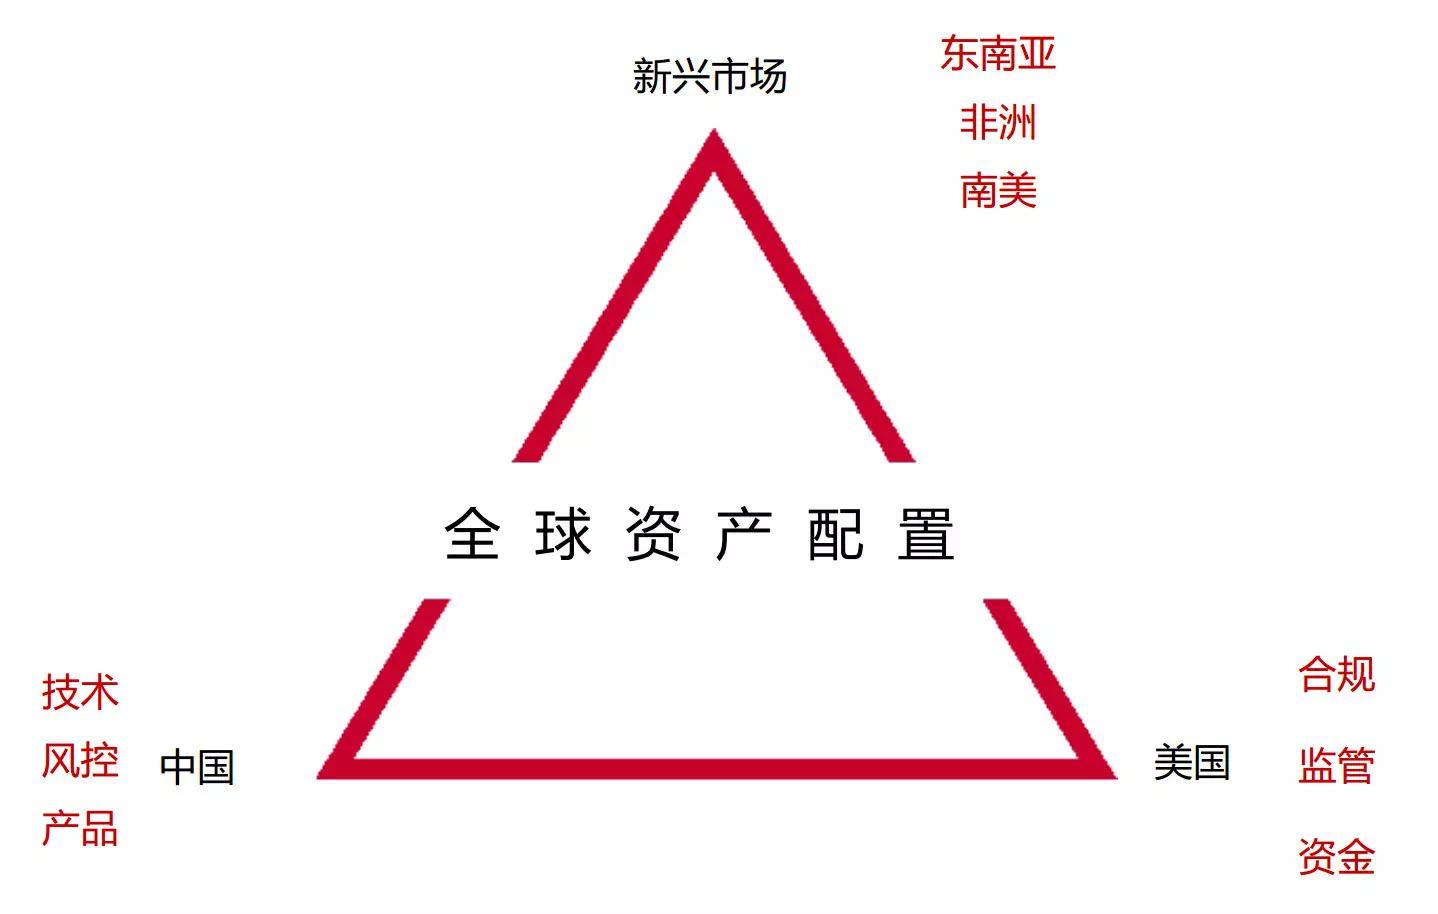 潜在gdp怎么算_中国未来十年gdp增速,中国未来十年经济发展预测